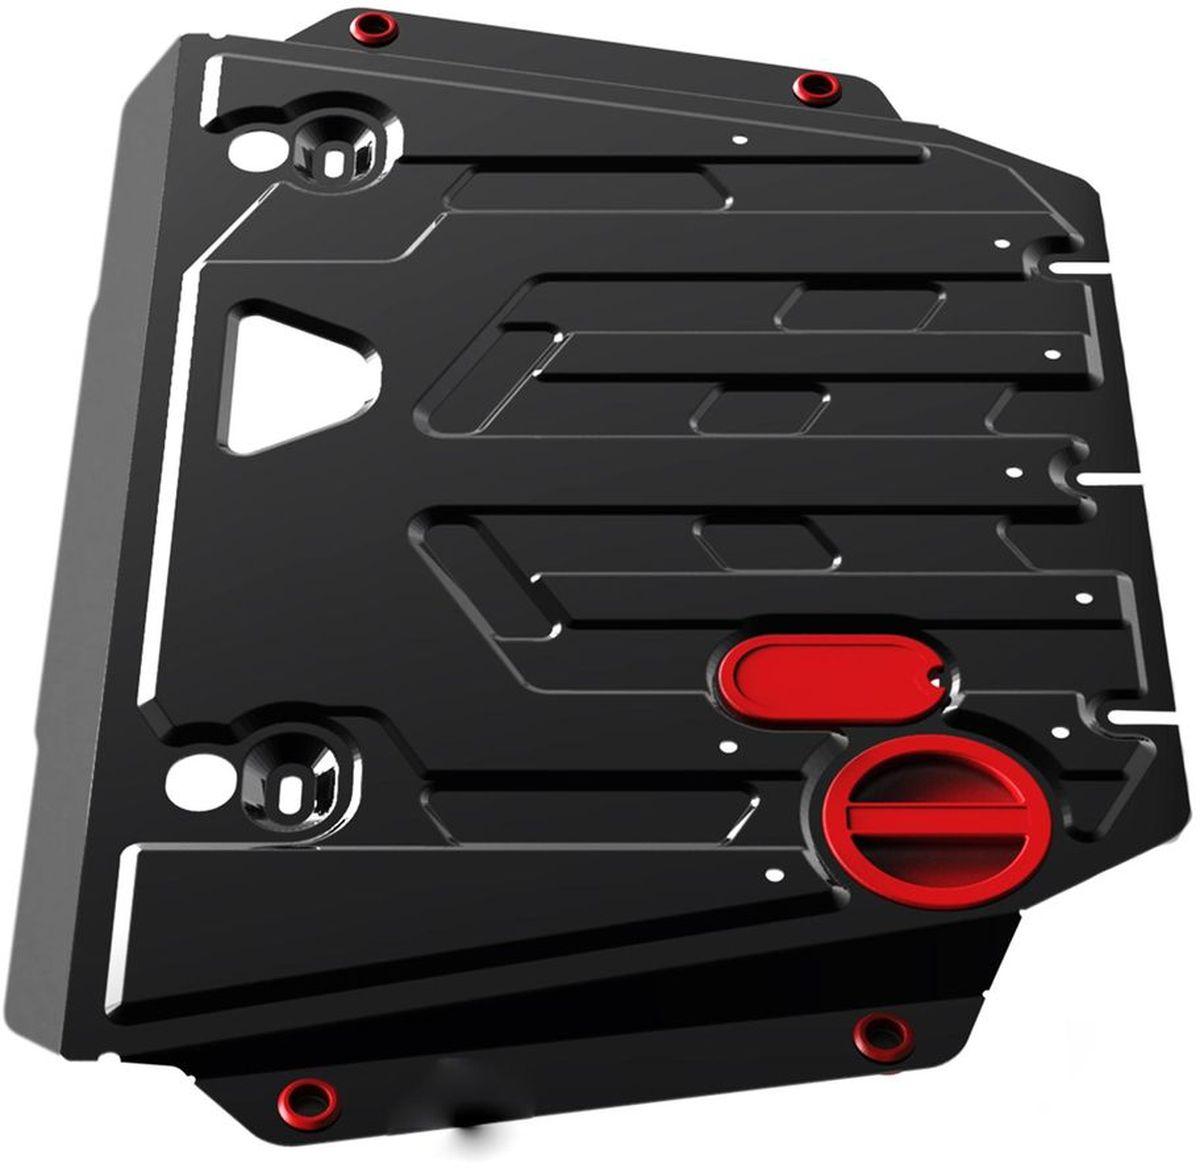 Защита картера Автоброня, для Ford Ranger V - 2,5Т (2007-2012)/ Mazda BT-50,V-2,5T(2006-2012)111.01821.1Технологически совершенный продукт за невысокую стоимость. Защита разработана с учетом особенностей днища автомобиля, что позволяет сохранить дорожный просвет с минимальным изменением. Защита устанавливается в штатные места кузова автомобиля. Глубокий штамп обеспечивает до двух раз больше жесткости в сравнении с обычной защитой той же толщины. Проштампованные ребра жесткости препятствуют деформации защиты при ударах. Тепловой зазор и вентиляционные отверстия обеспечивают сохранение температурного режима двигателя в норме. Скрытый крепеж предотвращает срыв крепежных элементов при наезде на препятствие. Шумопоглощающие резиновые элементы обеспечивают комфортную езду без вибраций и скрежета металла, а съемные лючки для слива масла и замены фильтра - экономию средств и время. Конструкция изделия не влияет на пассивную безопасность автомобиля (при ударе защита не воздействует на деформационные зоны кузова). Со штатным крепежом. В комплекте инструкция по установке....